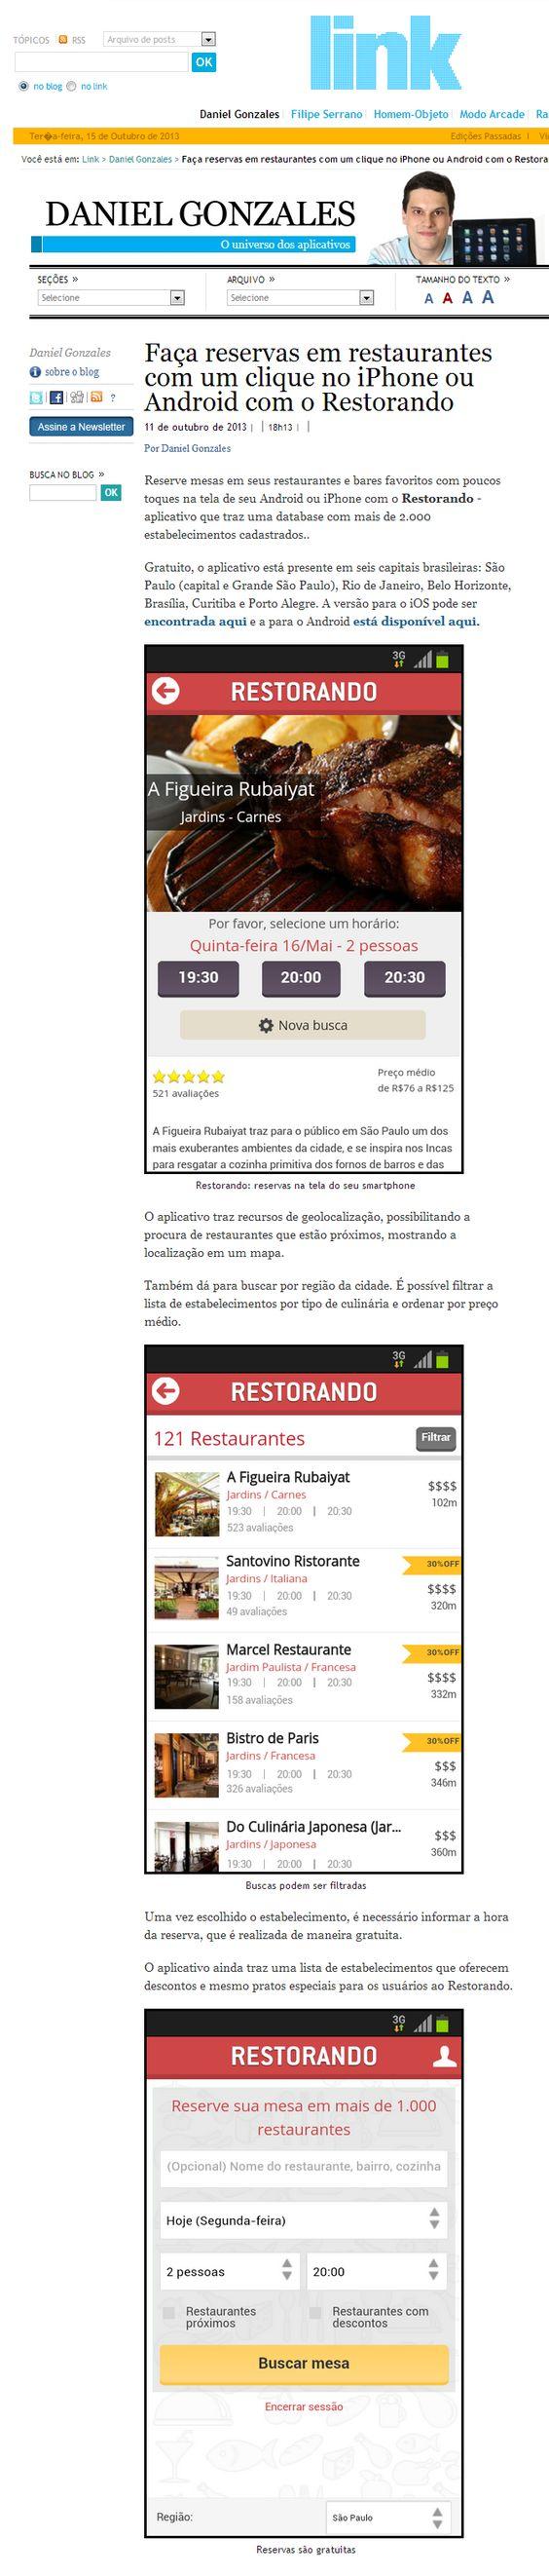 Restorando no portal do Link, caderno de tecnologia do jornal O Estado de S.Paulo - 11 de outubro de 2013.